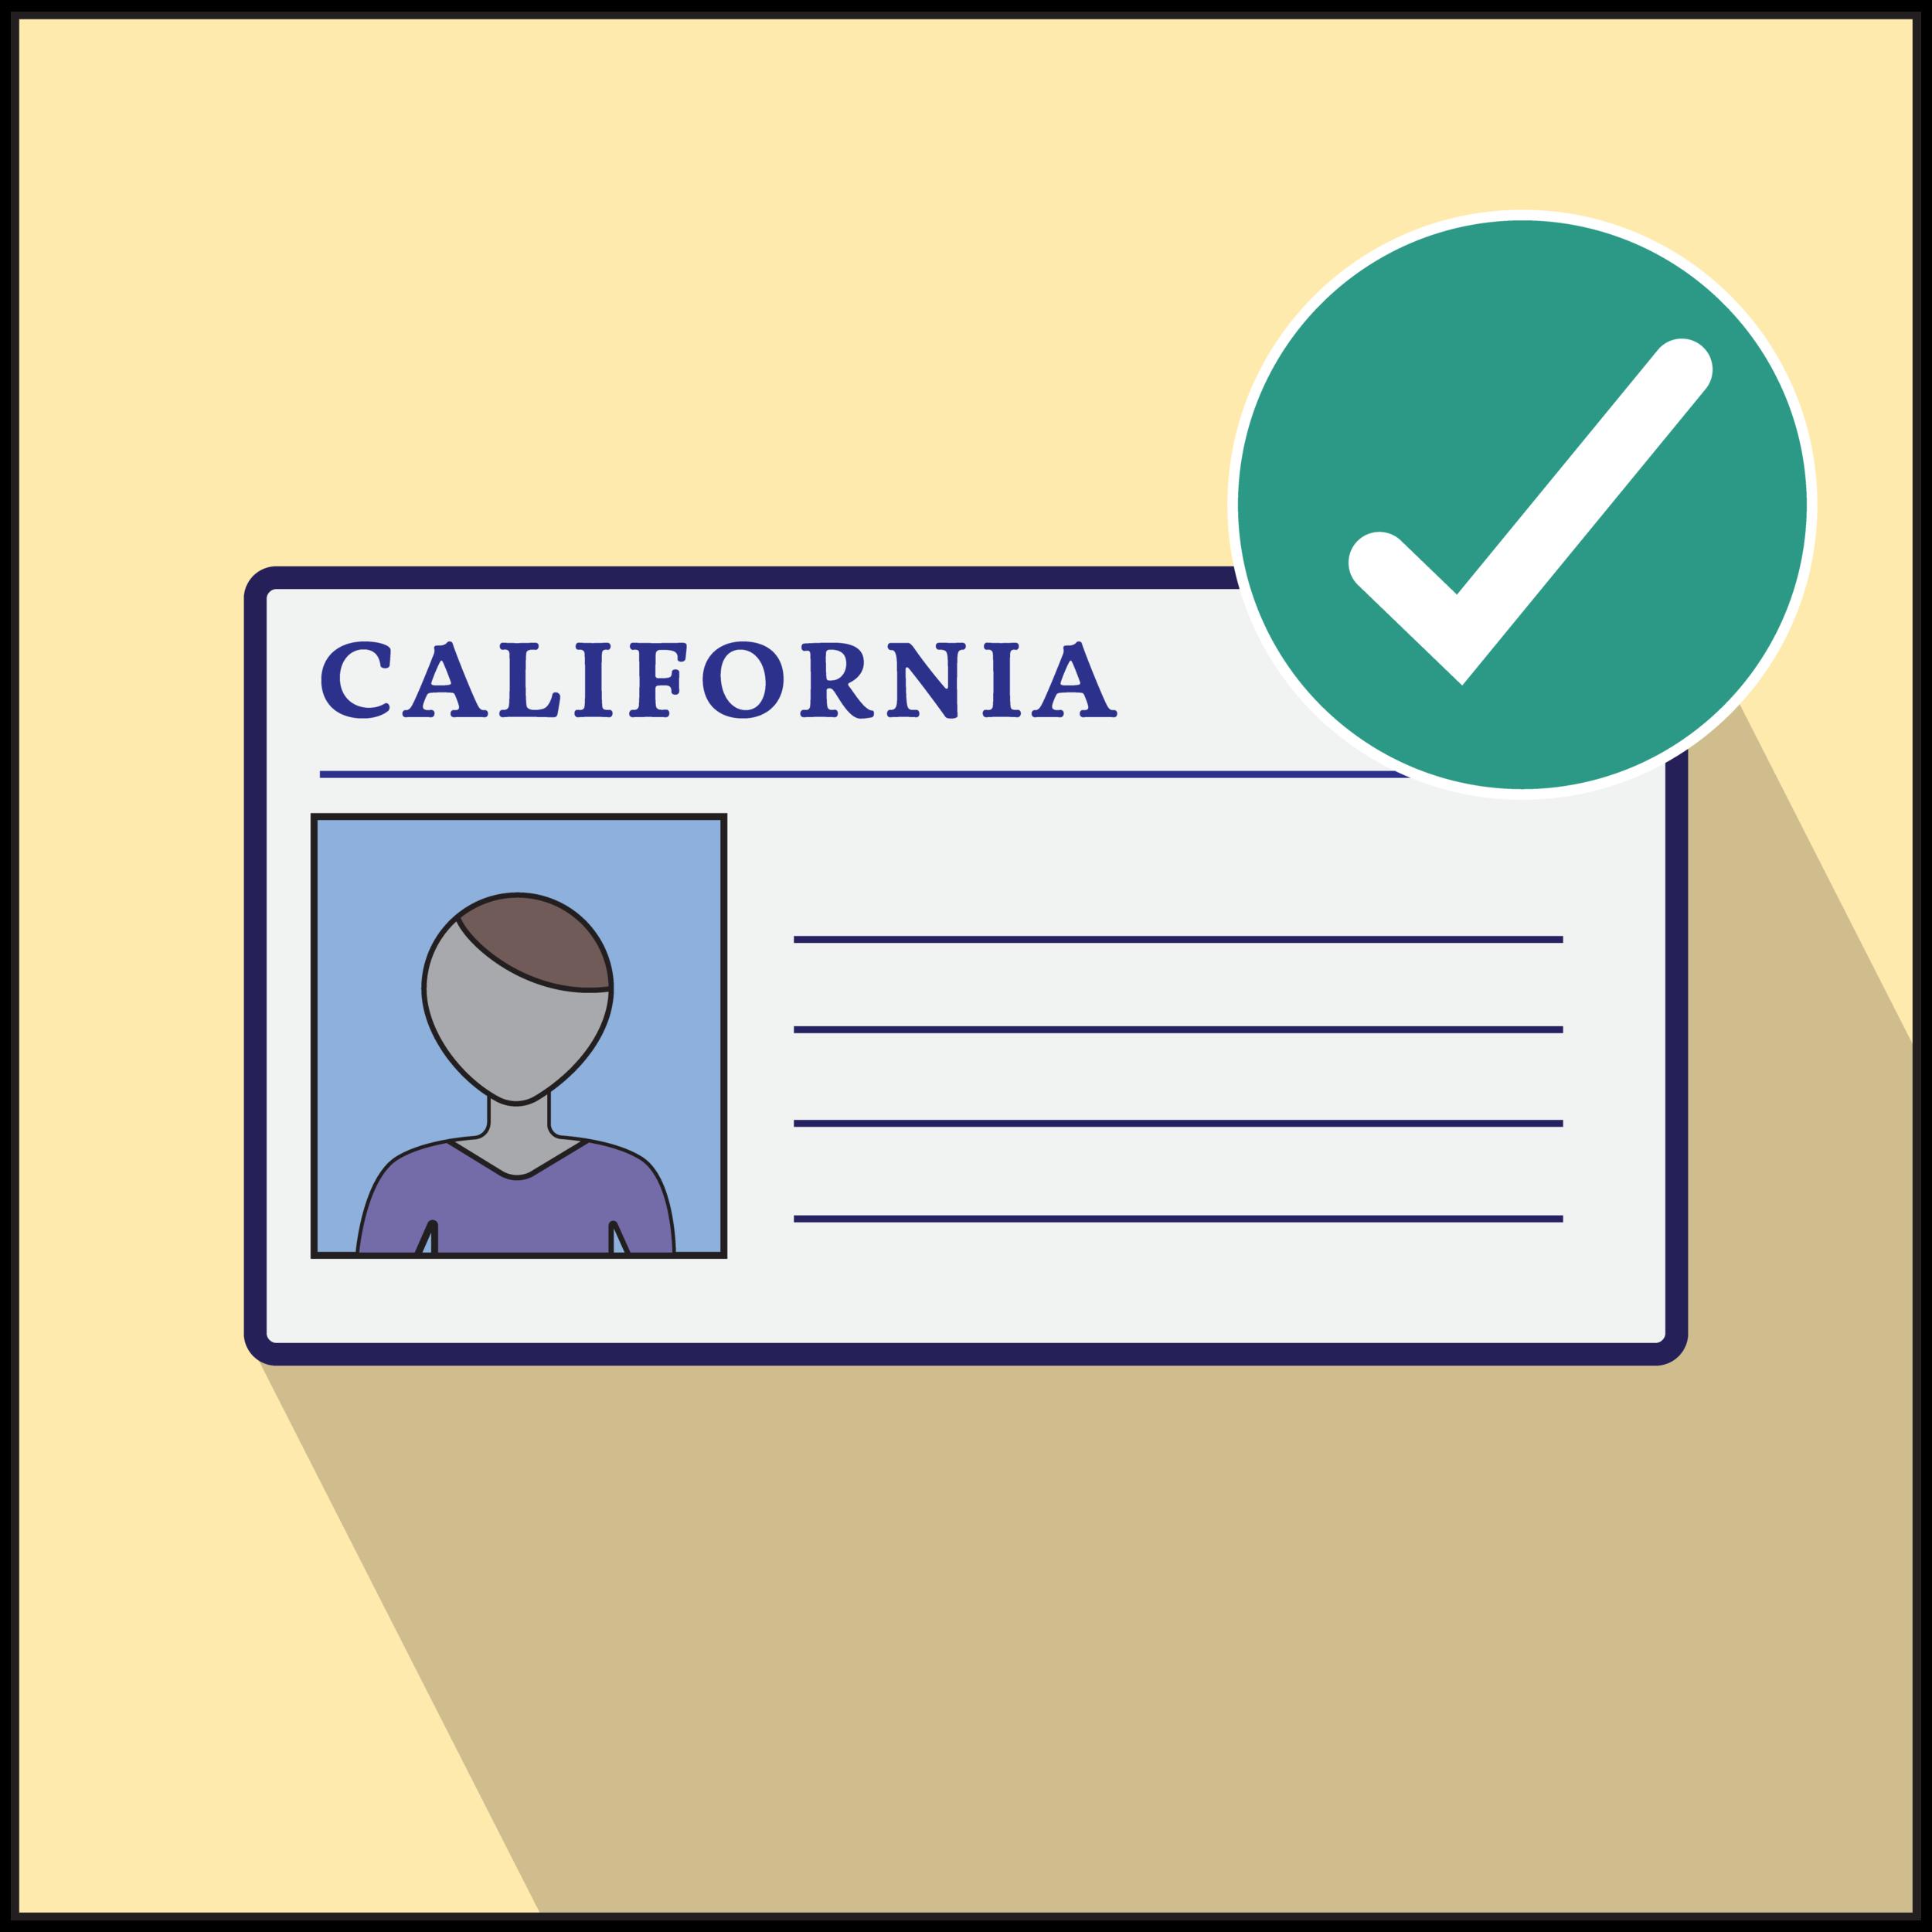 CA_license-08-08.png